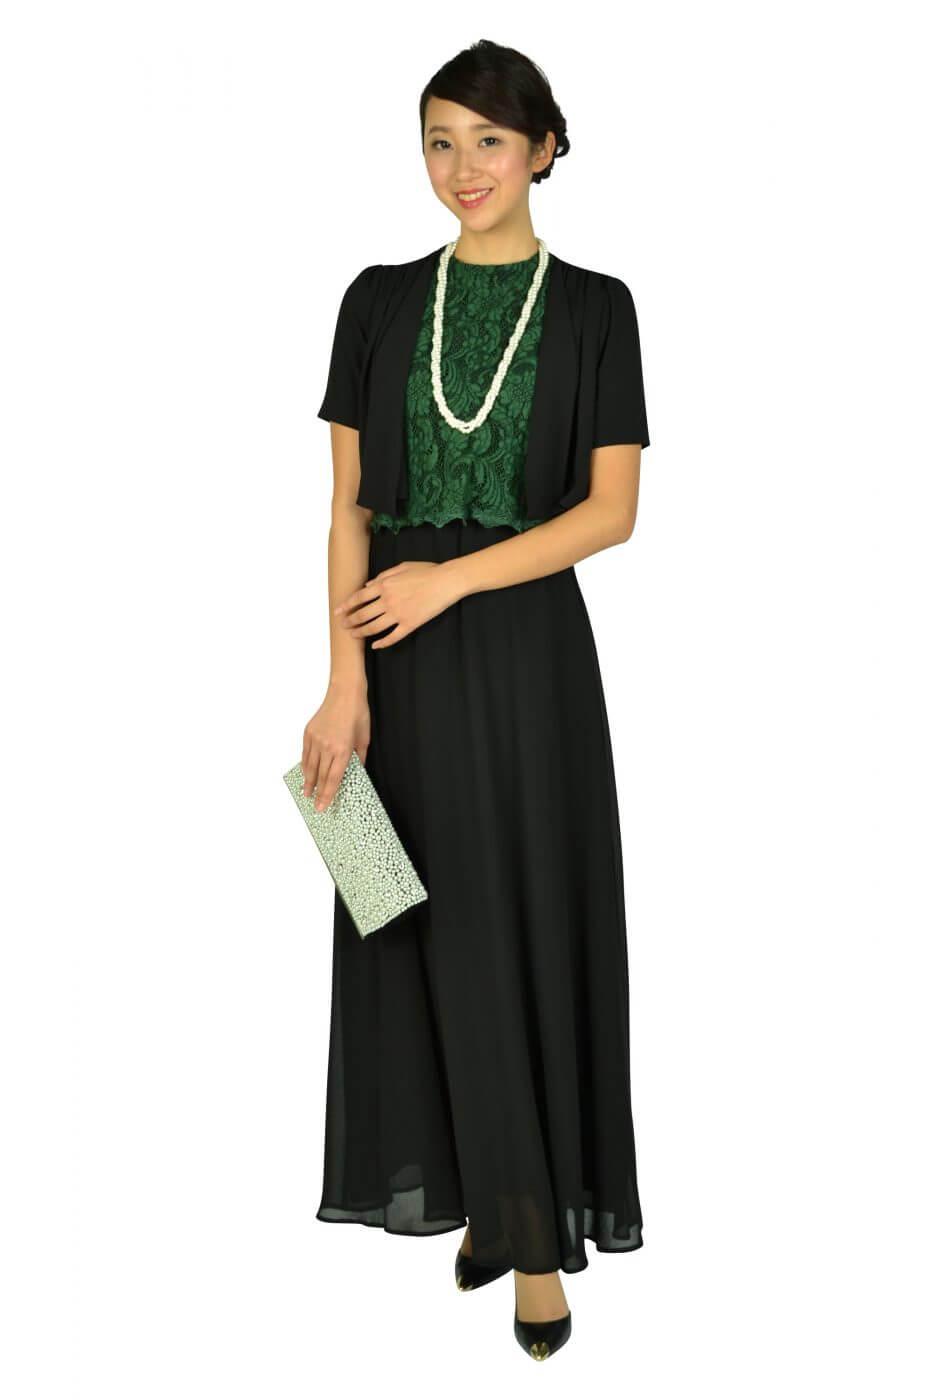 デリセノアール(DELLISE NOIR)ブラック×グリーンロングドレス